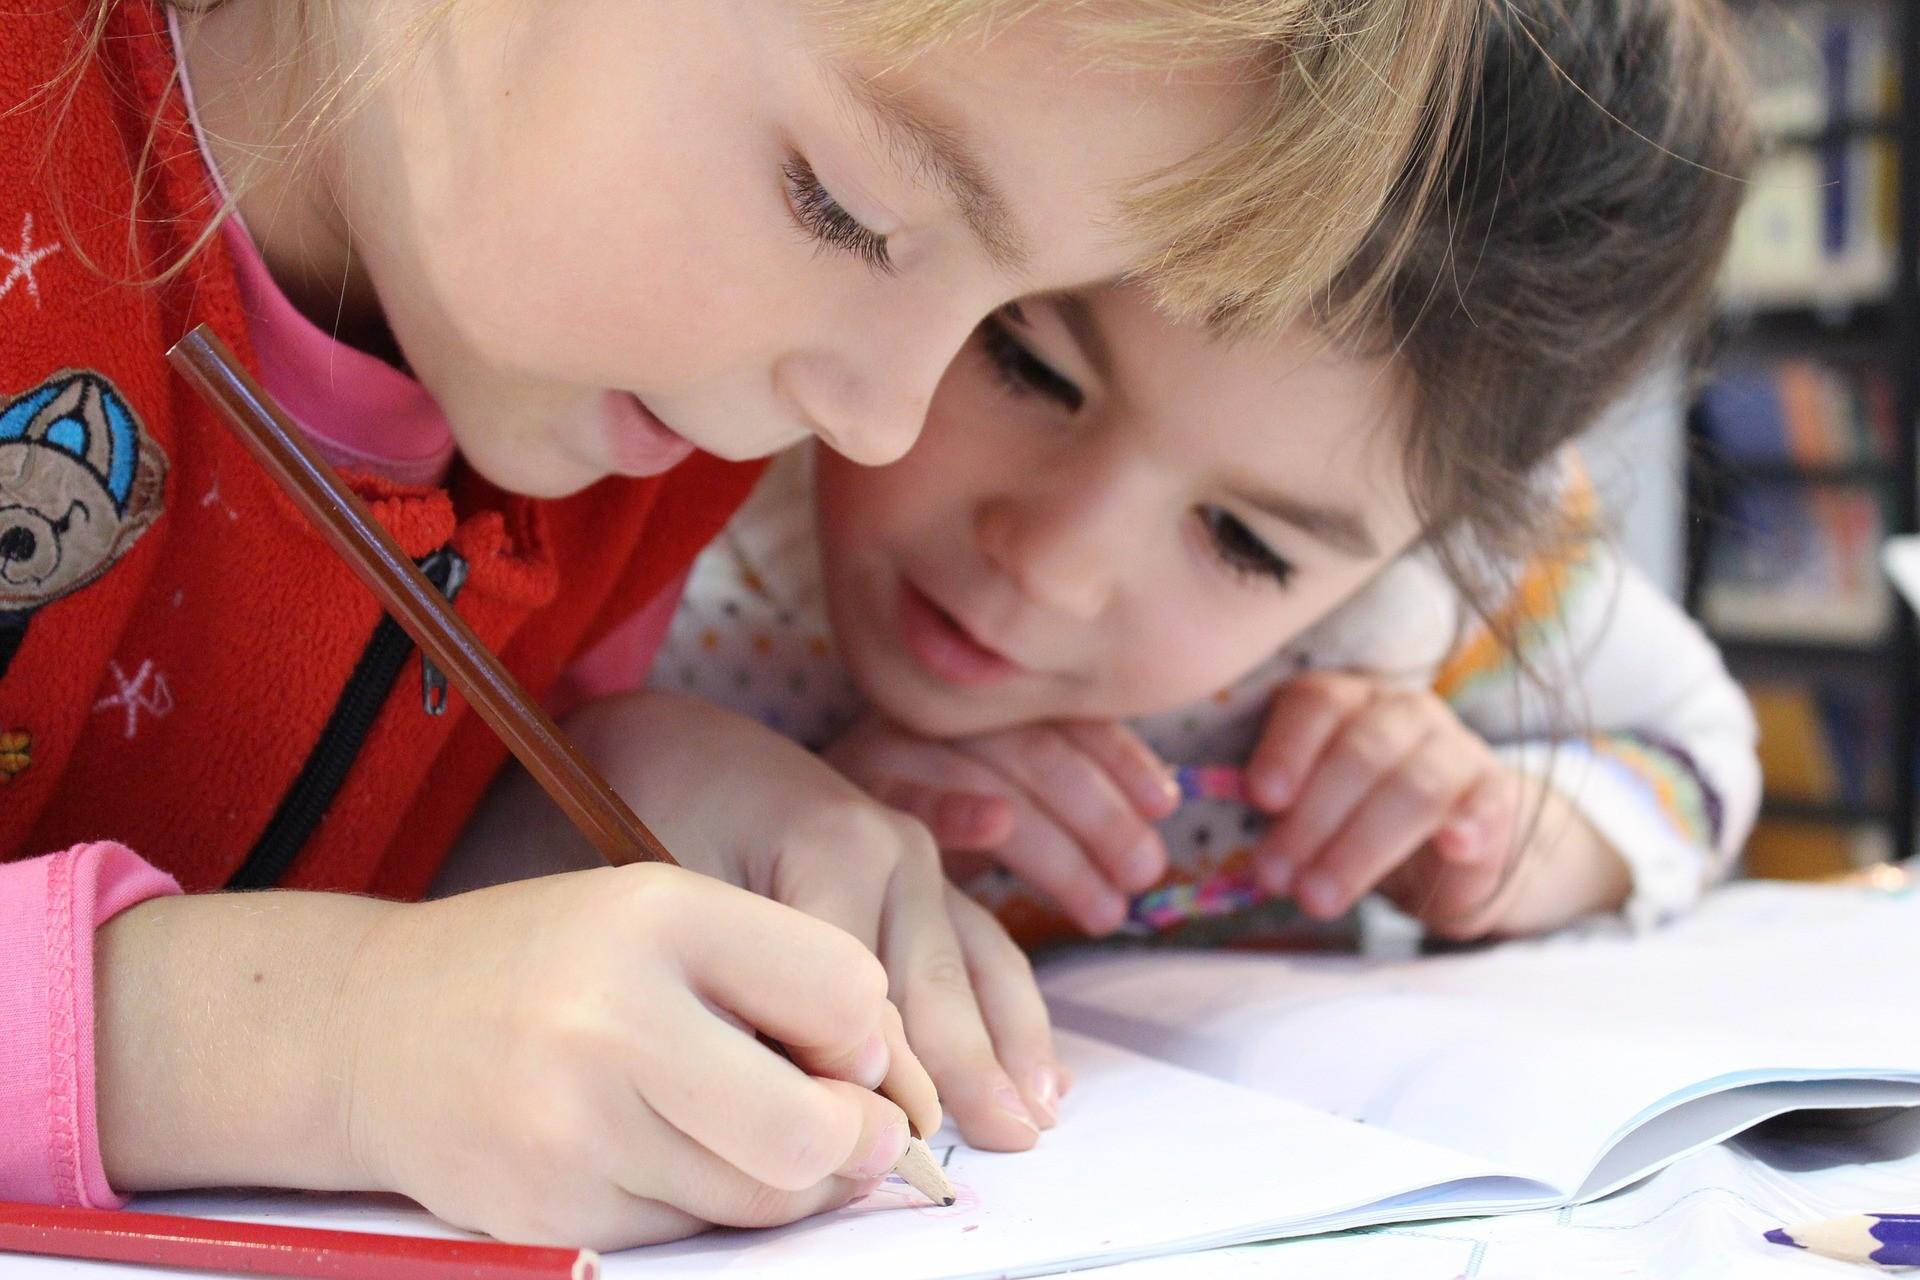 Des idées pour stimuler l'éveil de l'enfant en milieu scolaire